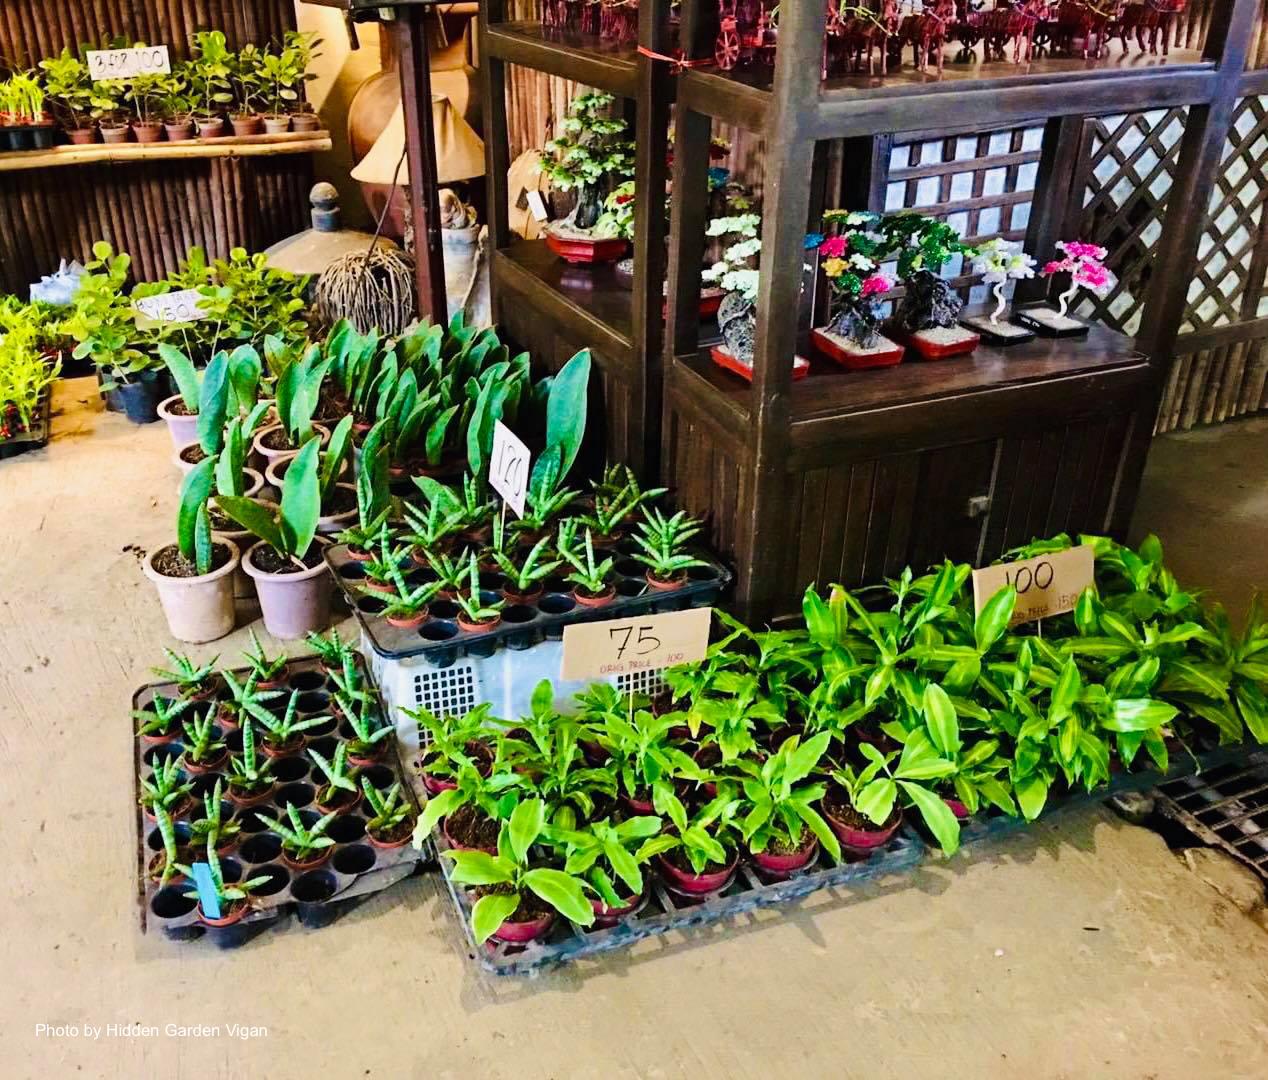 Plants for sale in Hidden Garden Vigan